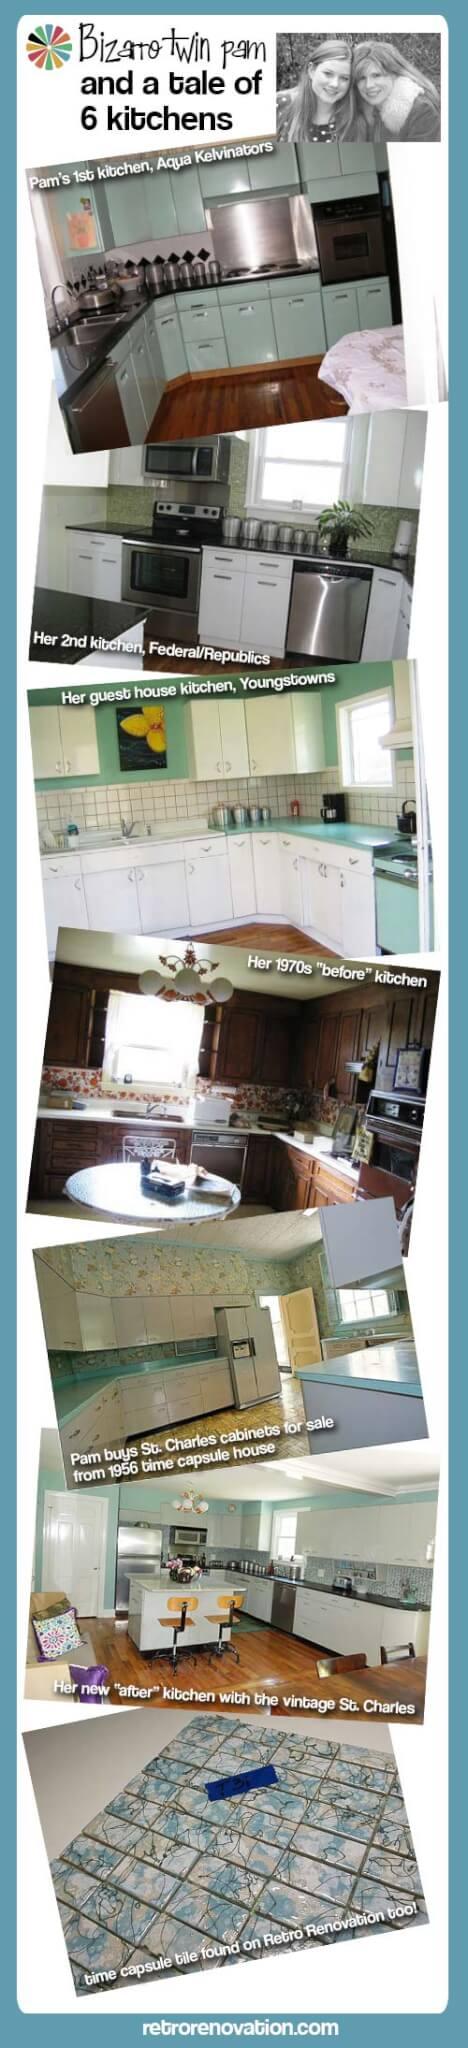 Bizzaro-Pam-and-6-kitchens